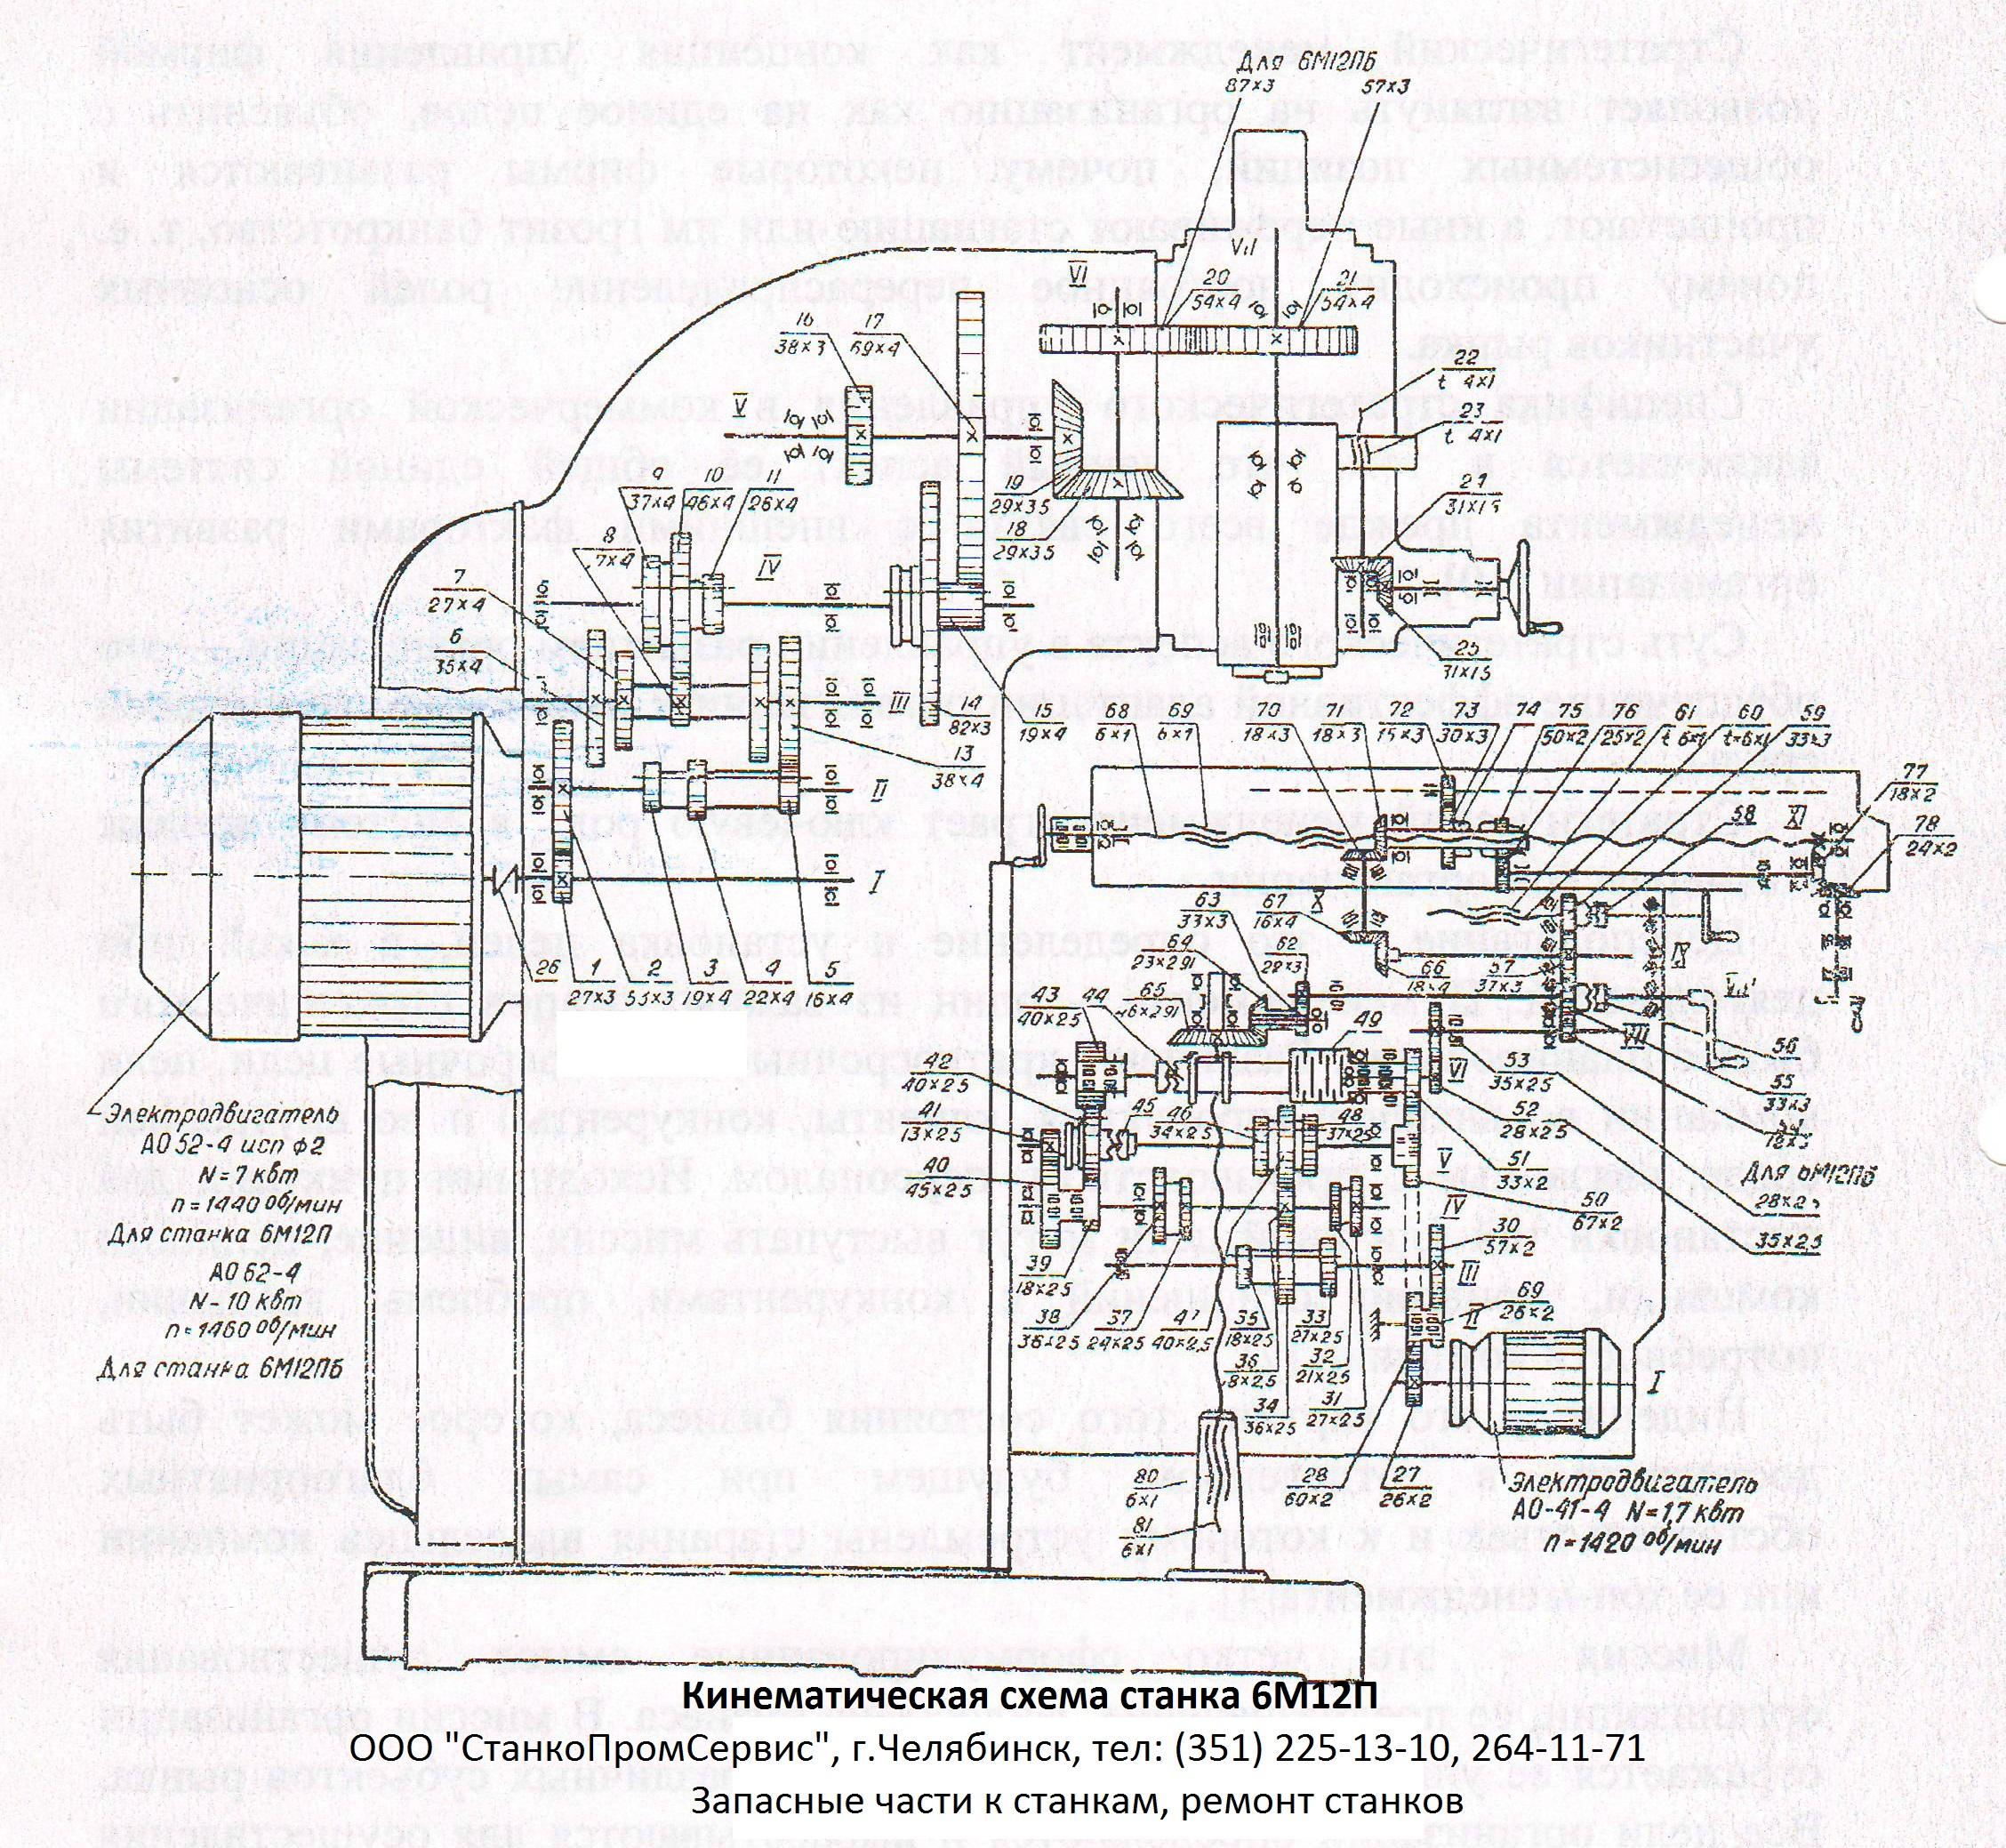 Электрооборудование металлообрабатывающих станков,принципиальная электрическая схема управления эп вертикально-фрезерного станка модели 654